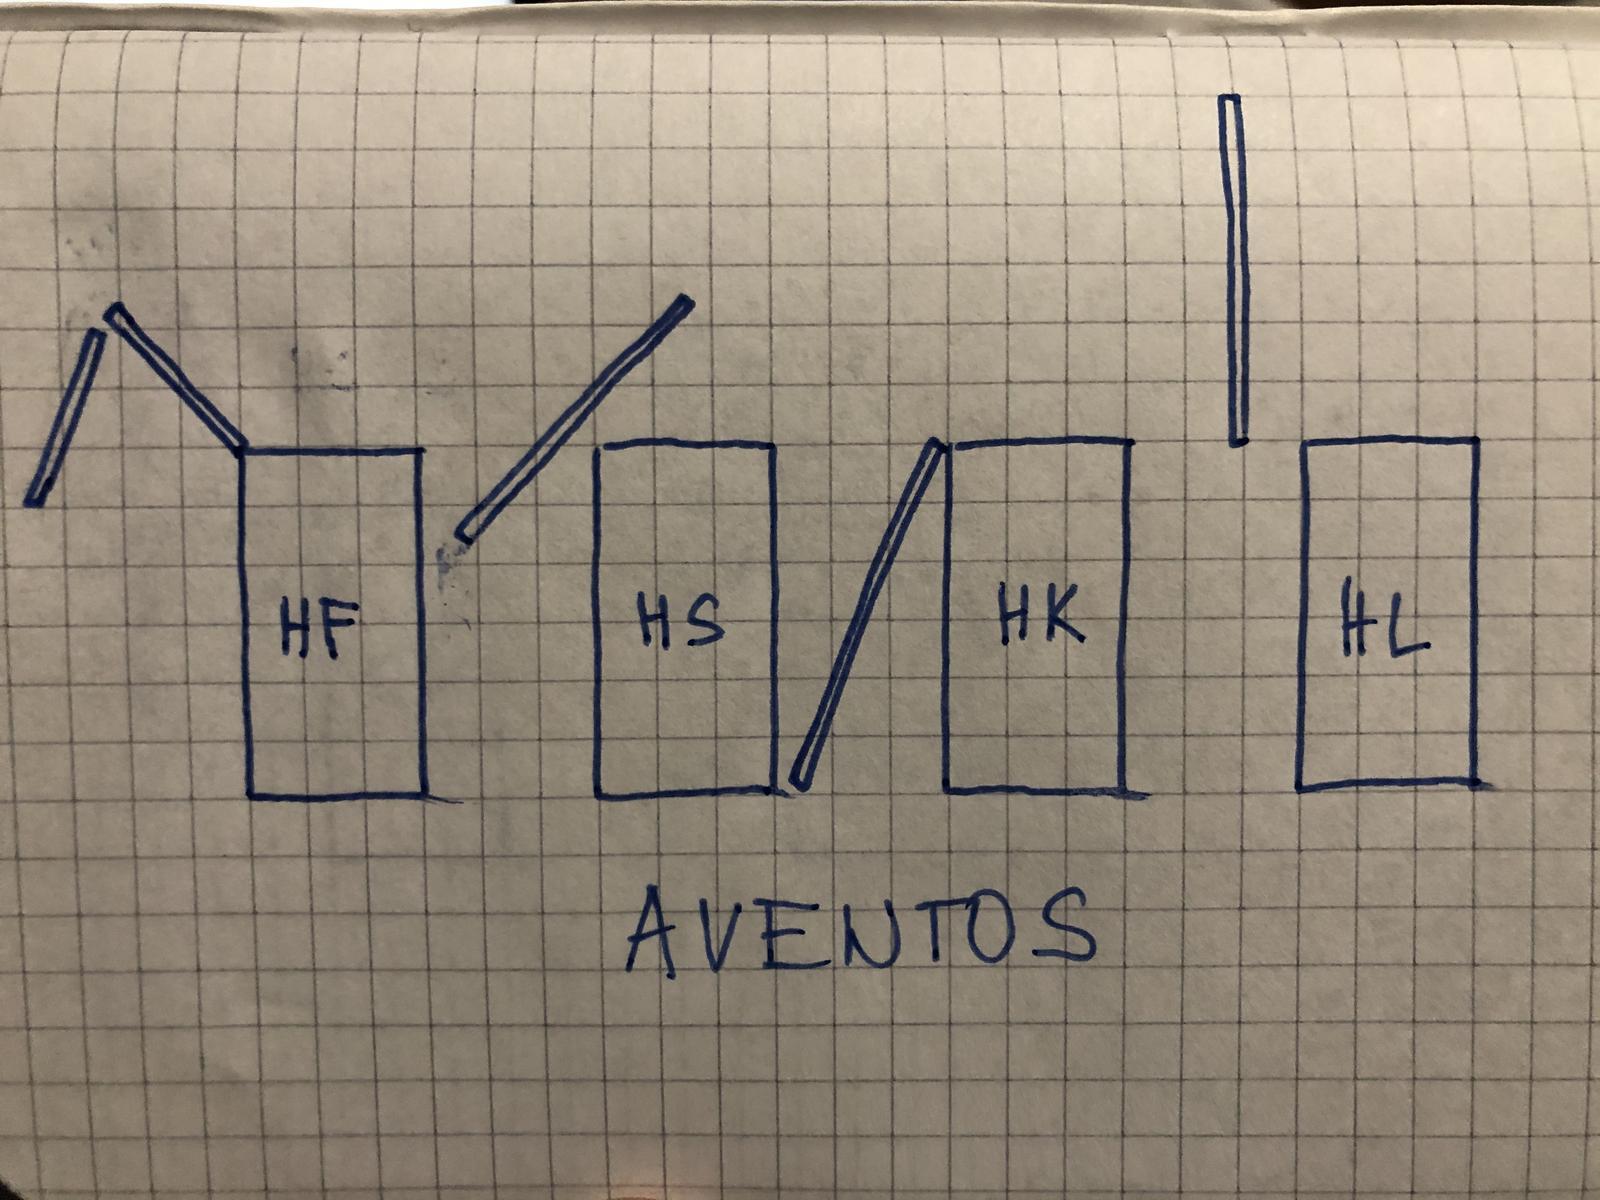 Jediná možnost je Aventos... - Obrázek č. 1